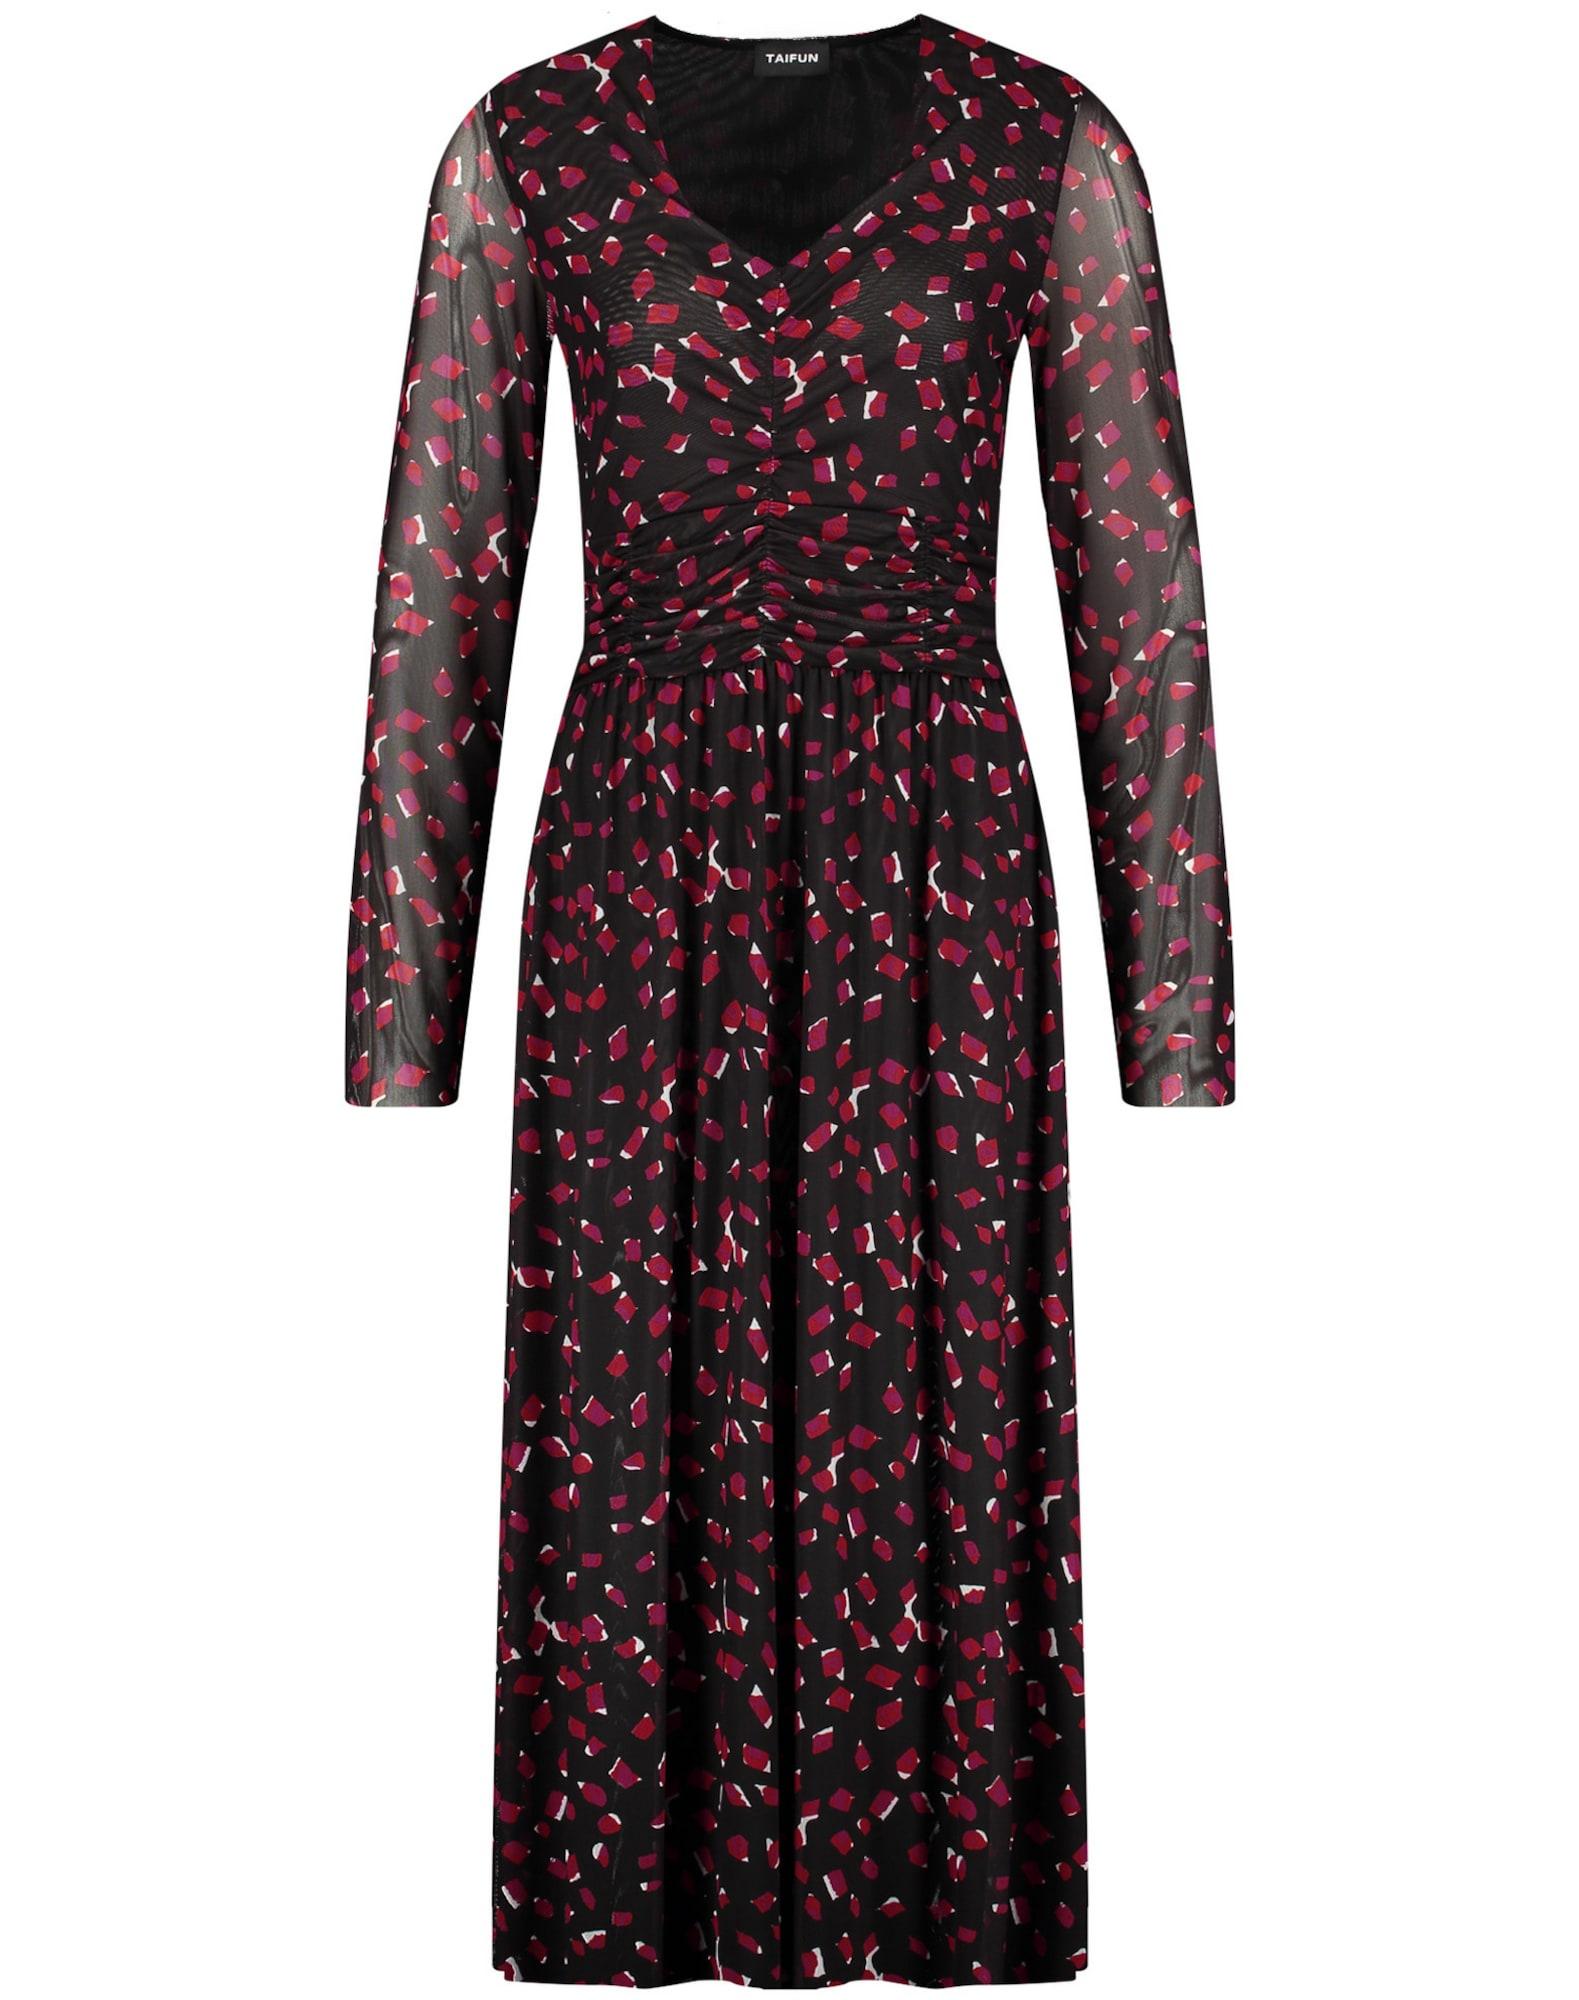 TAIFUN Šaty  černá / červená / malinová / bílá